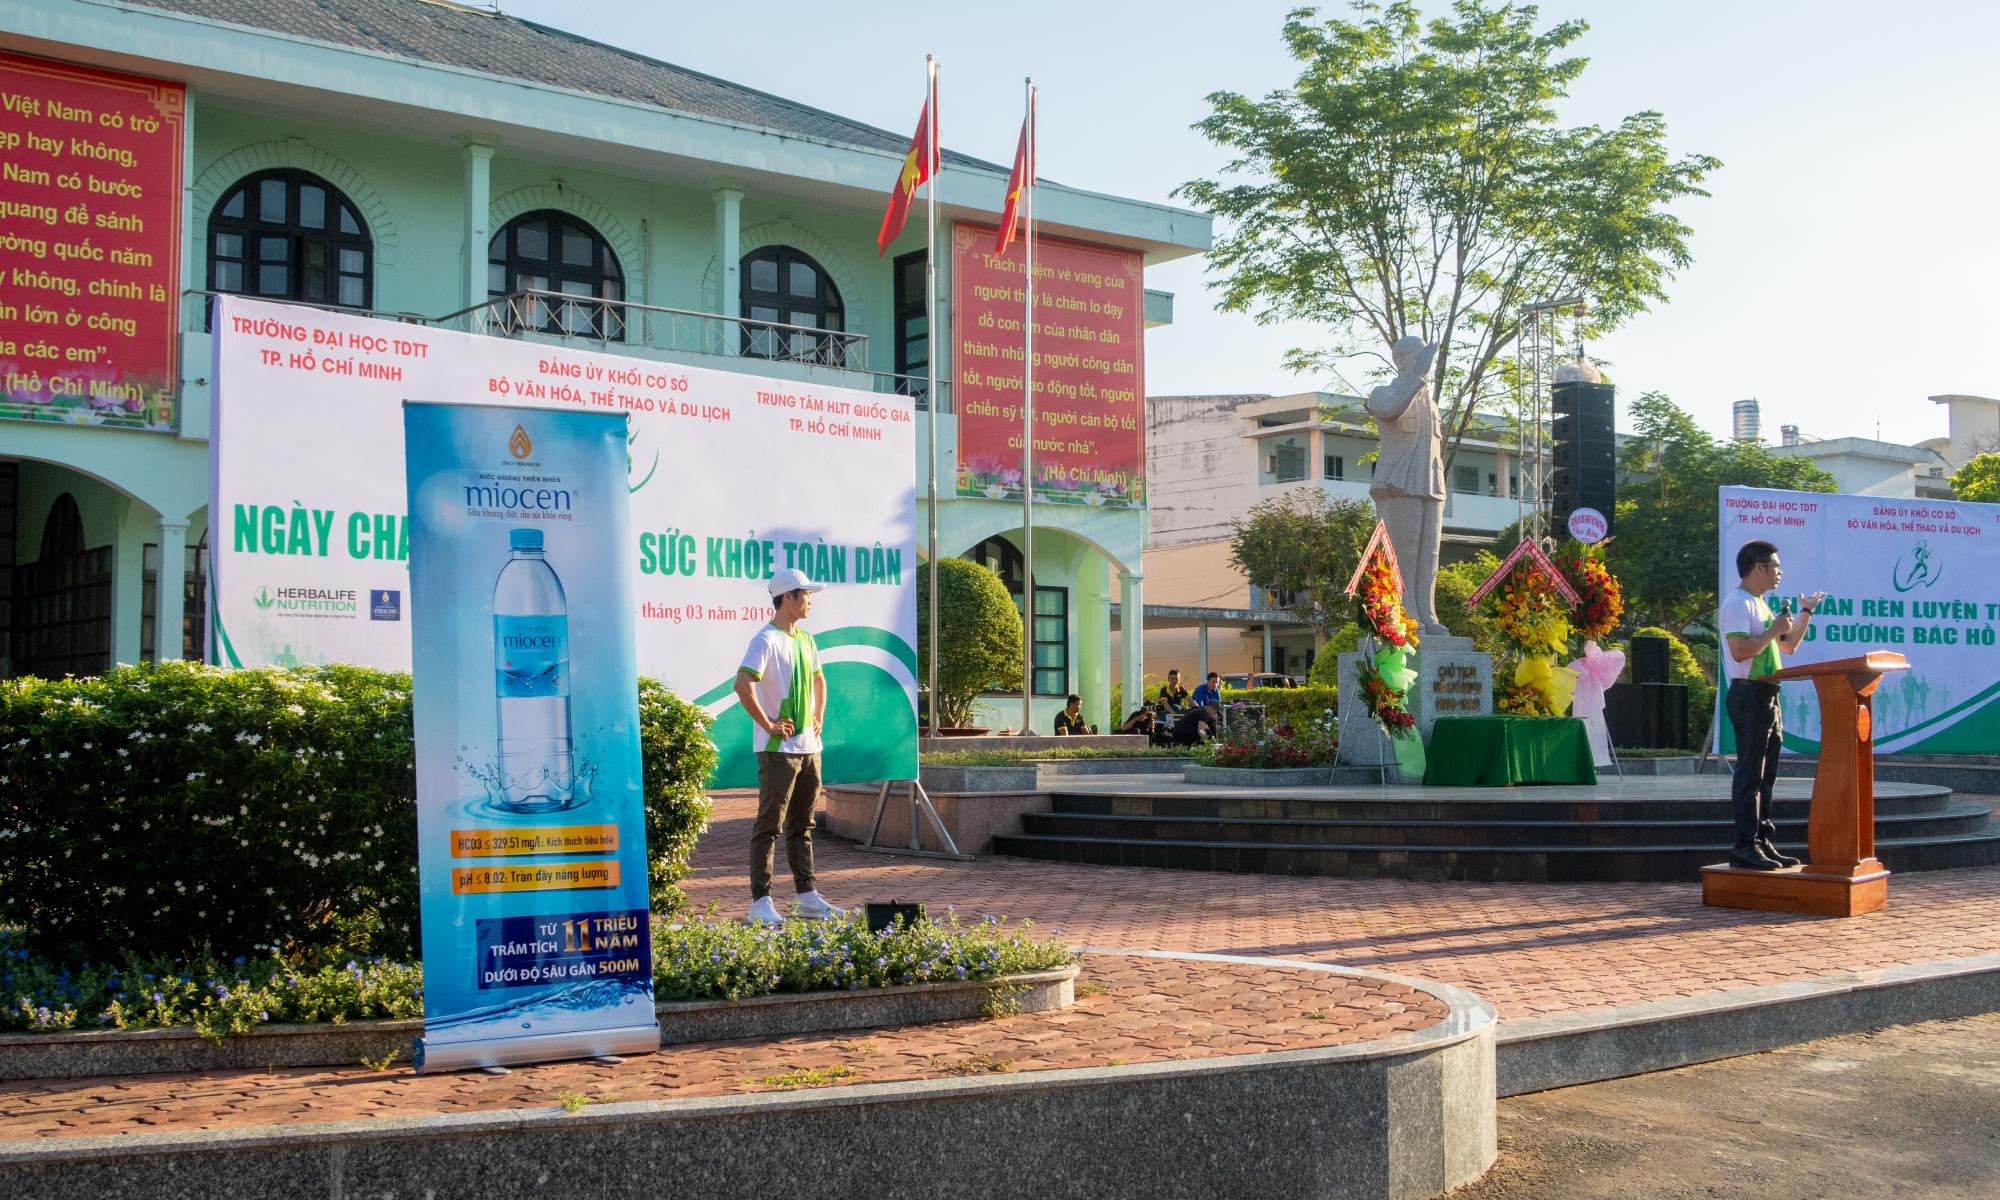 nước khoáng miocen đồng hành ngày chạy olympic 2019